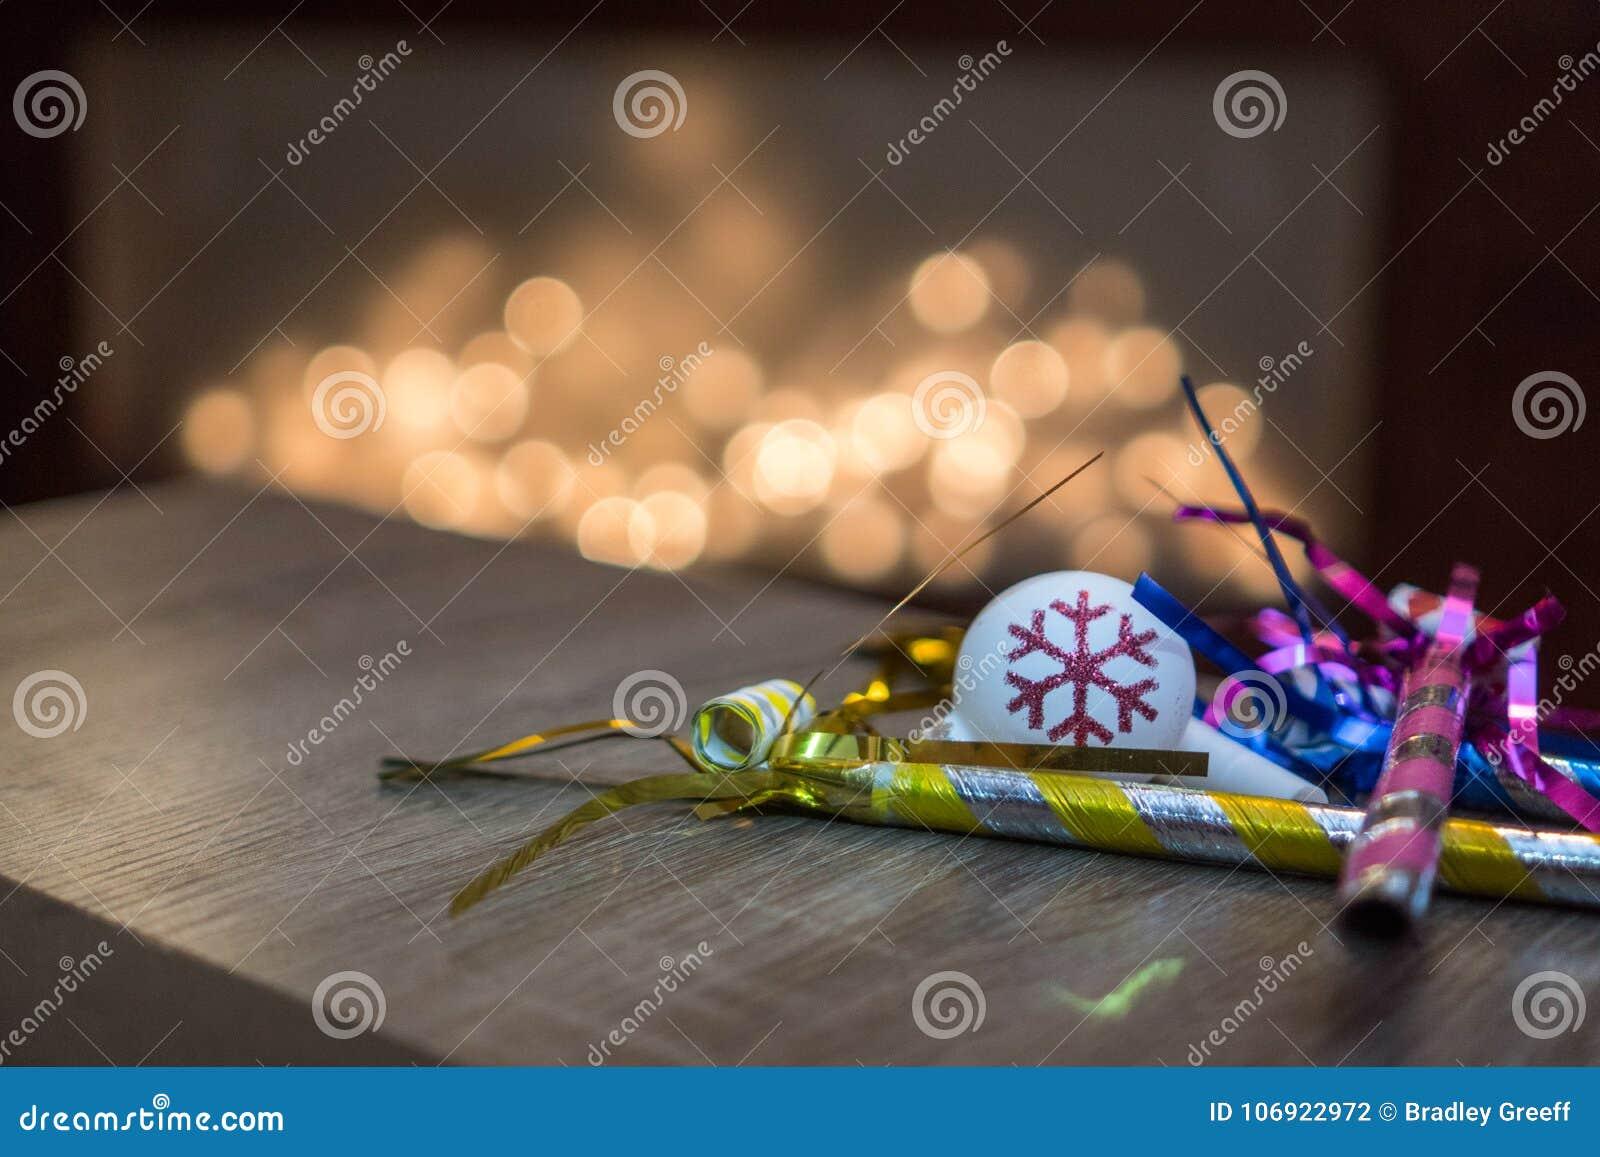 Nowy Rok wigilia ornamenty i dekoracj